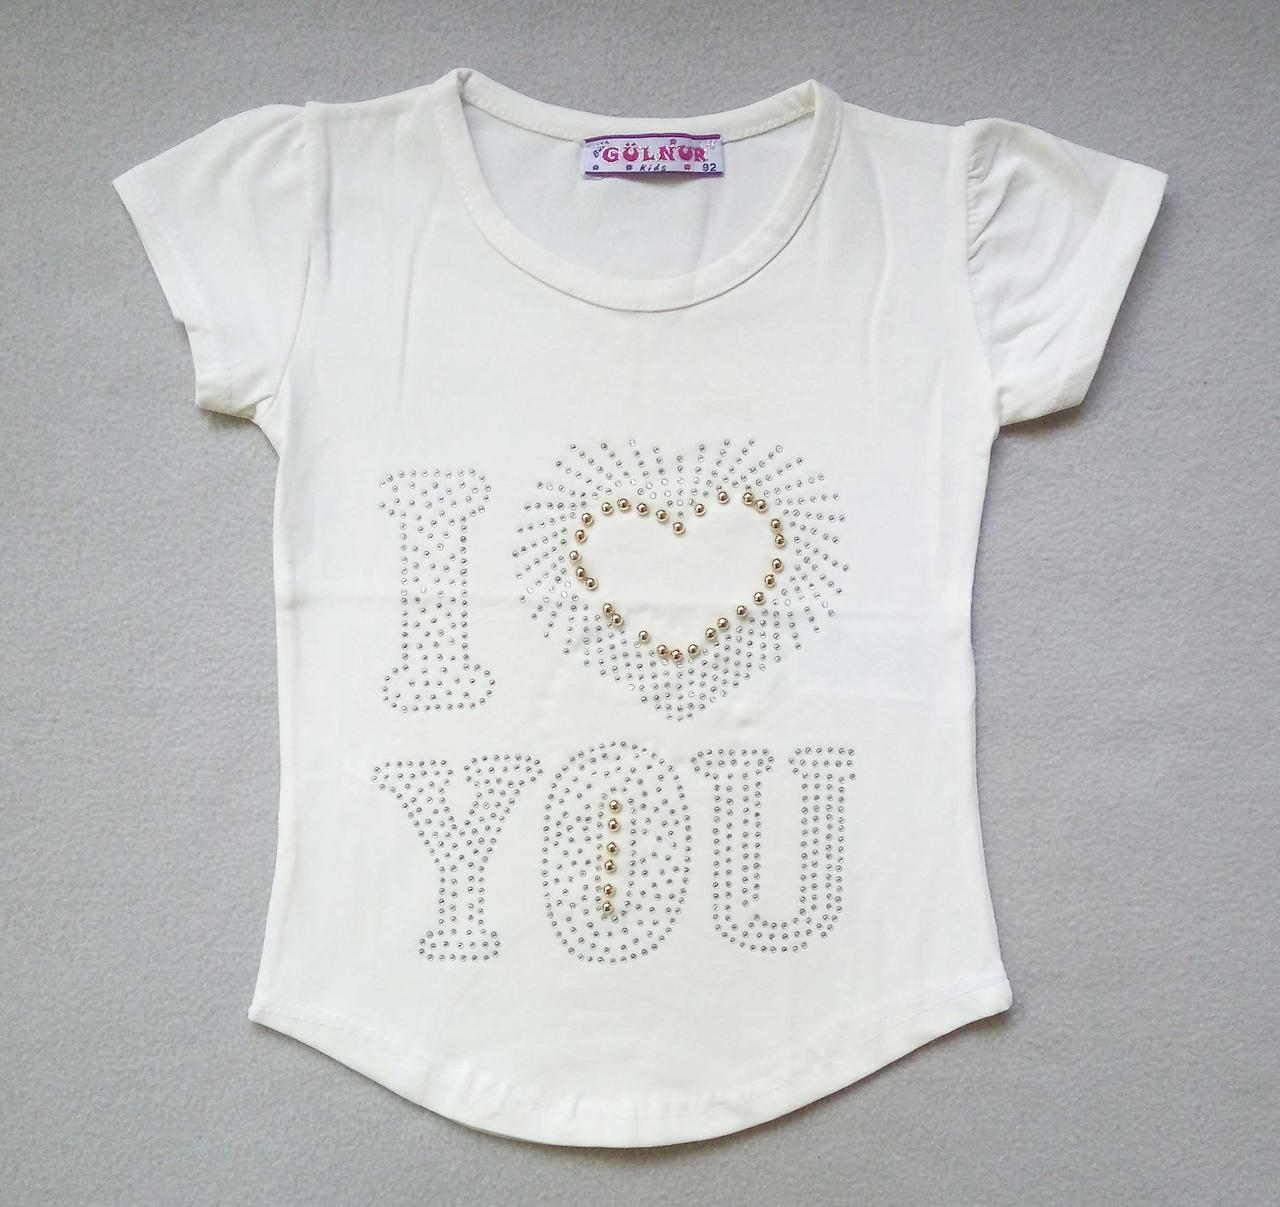 Детская футболка со стразами для девочек 2-5 лет